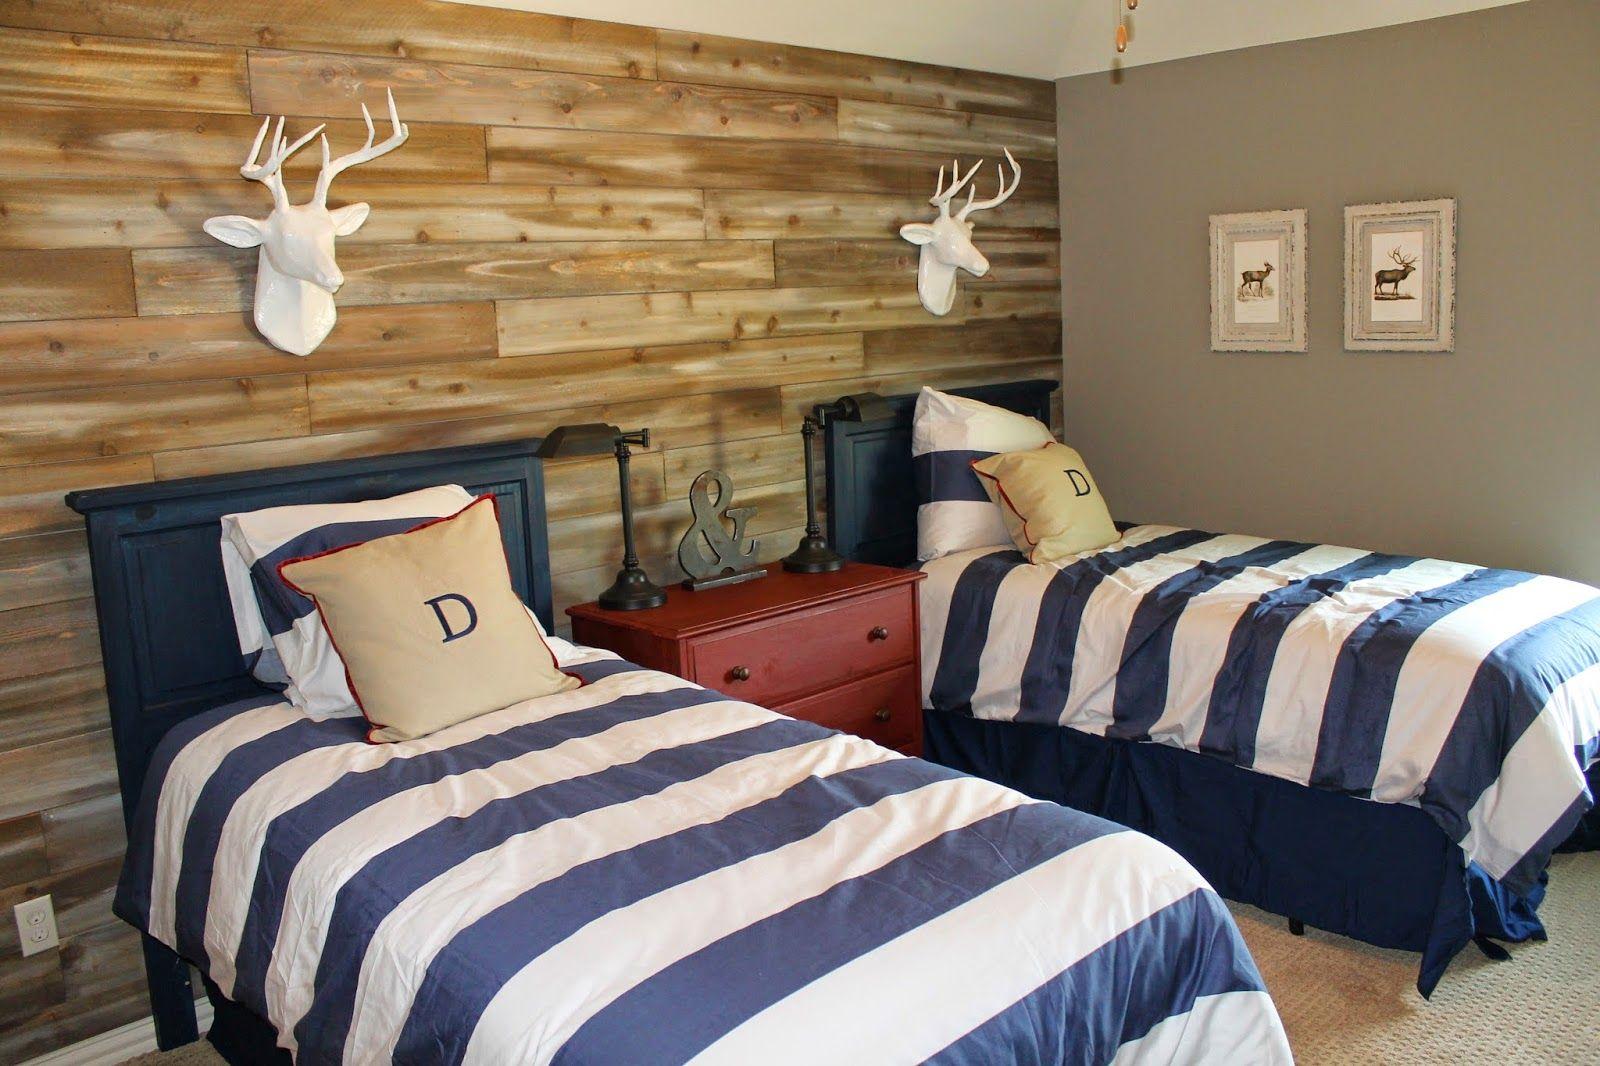 The Ragged Wren Boys Bedrooms Twin Boys Bedroom Bedroom Design